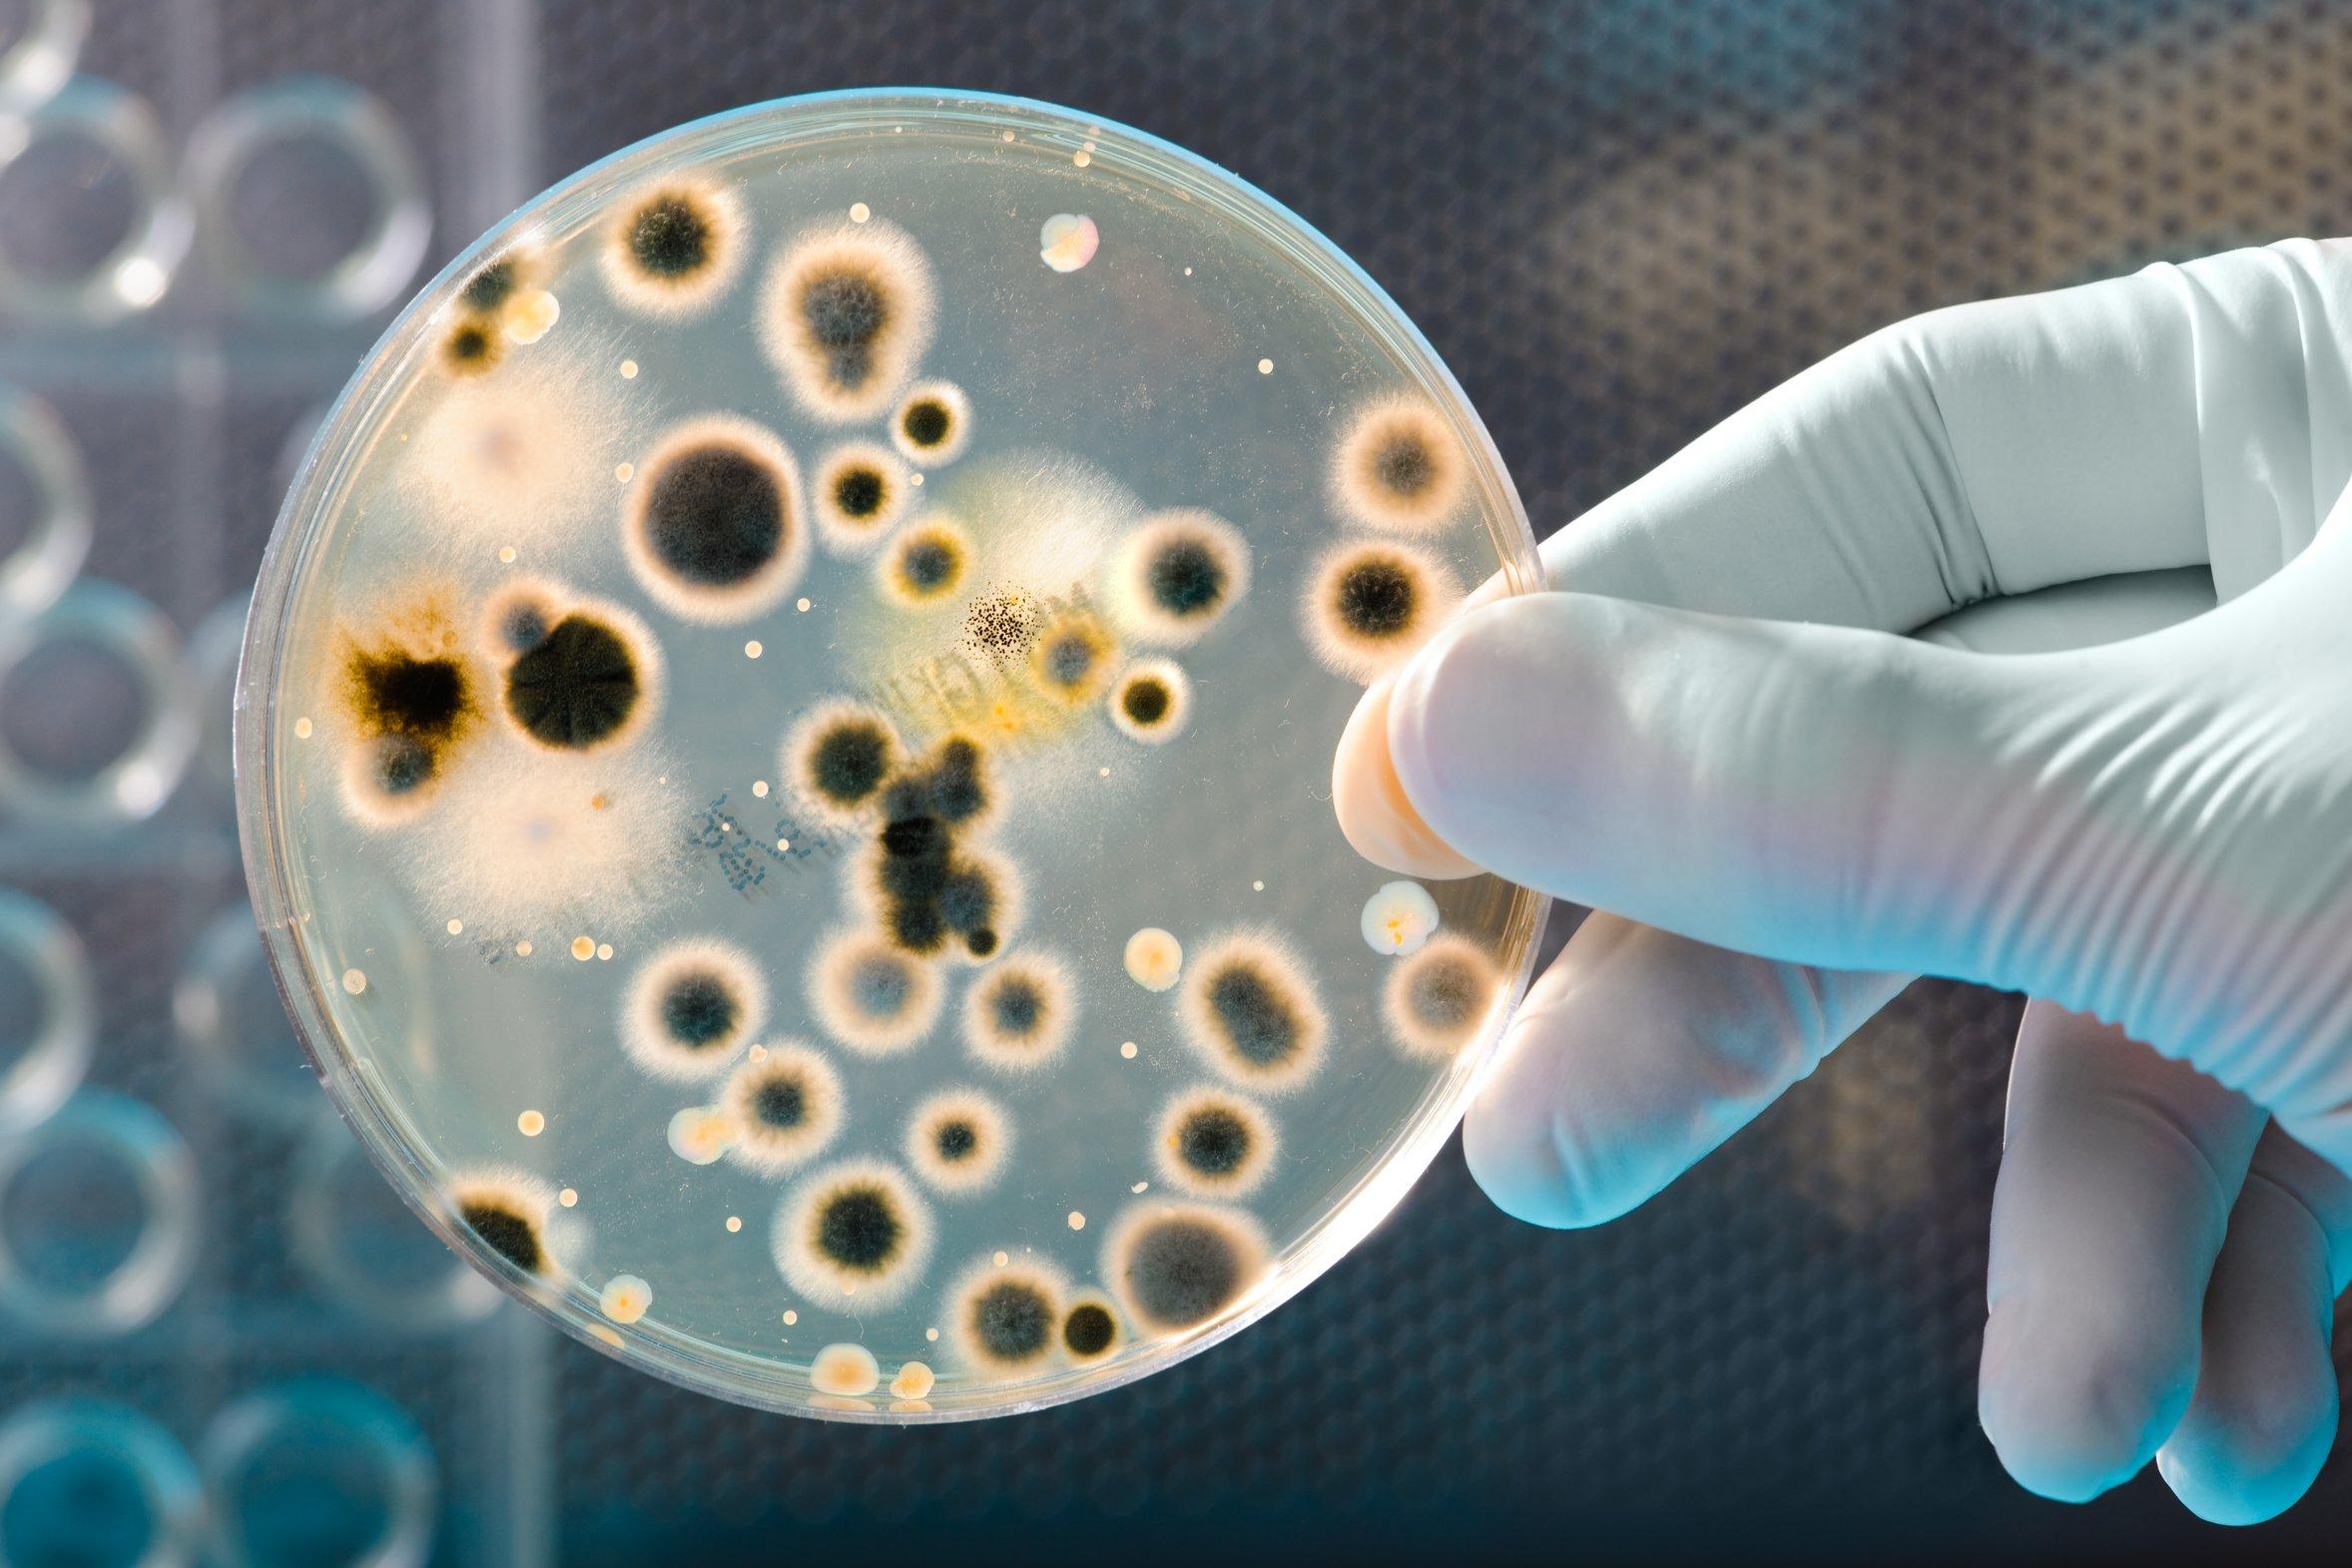 15 мест в вашем доме, которые кишат бактериями